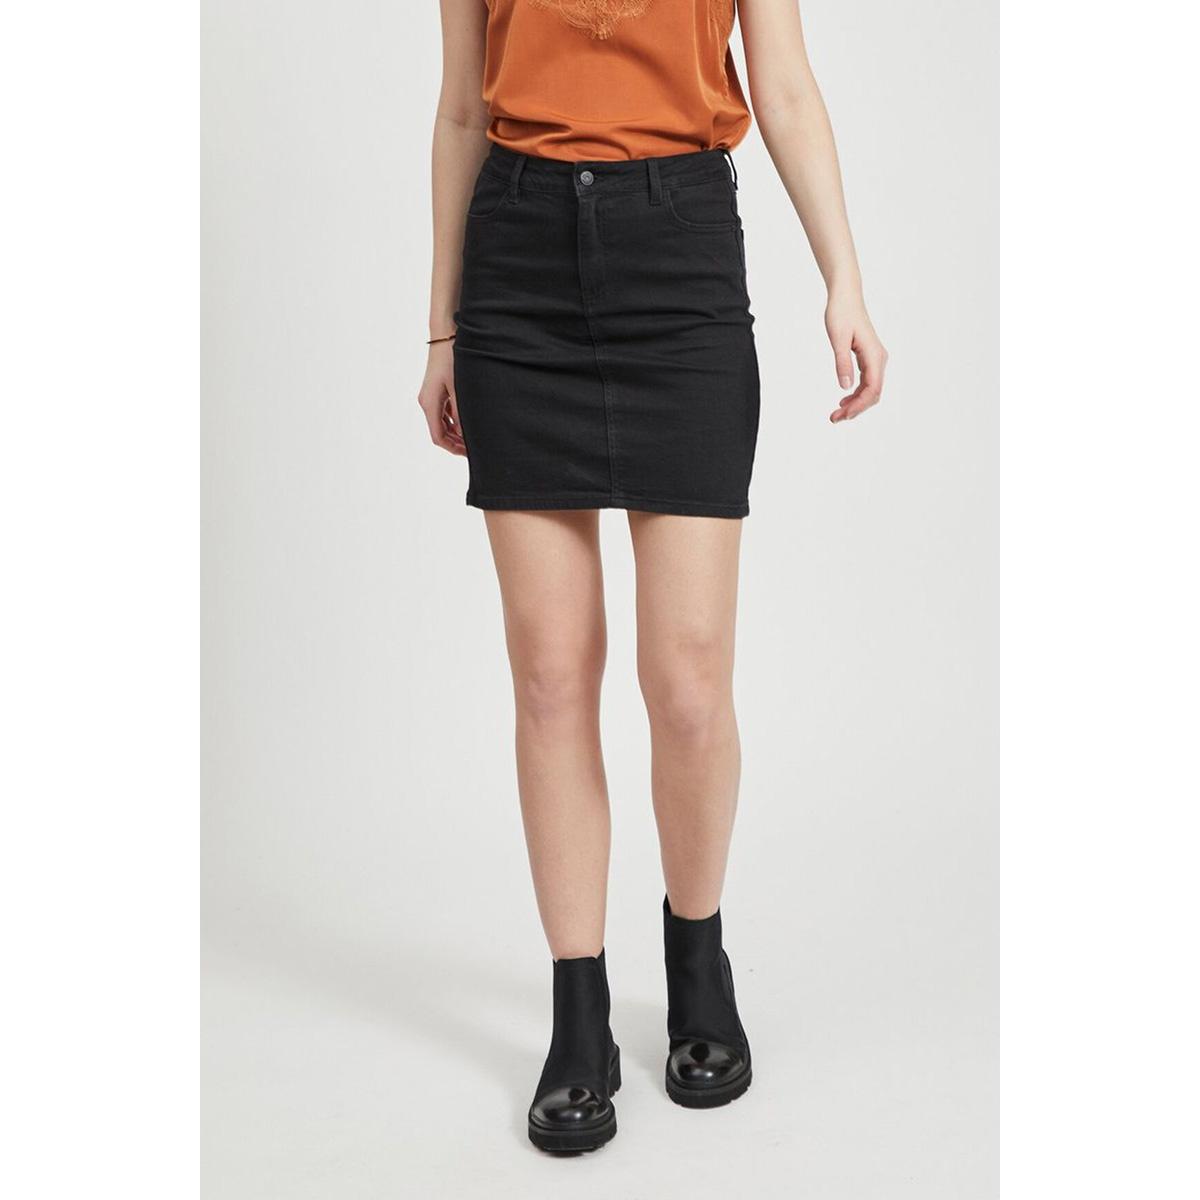 objwin new denim skirt noos 23028503 object rok black denim